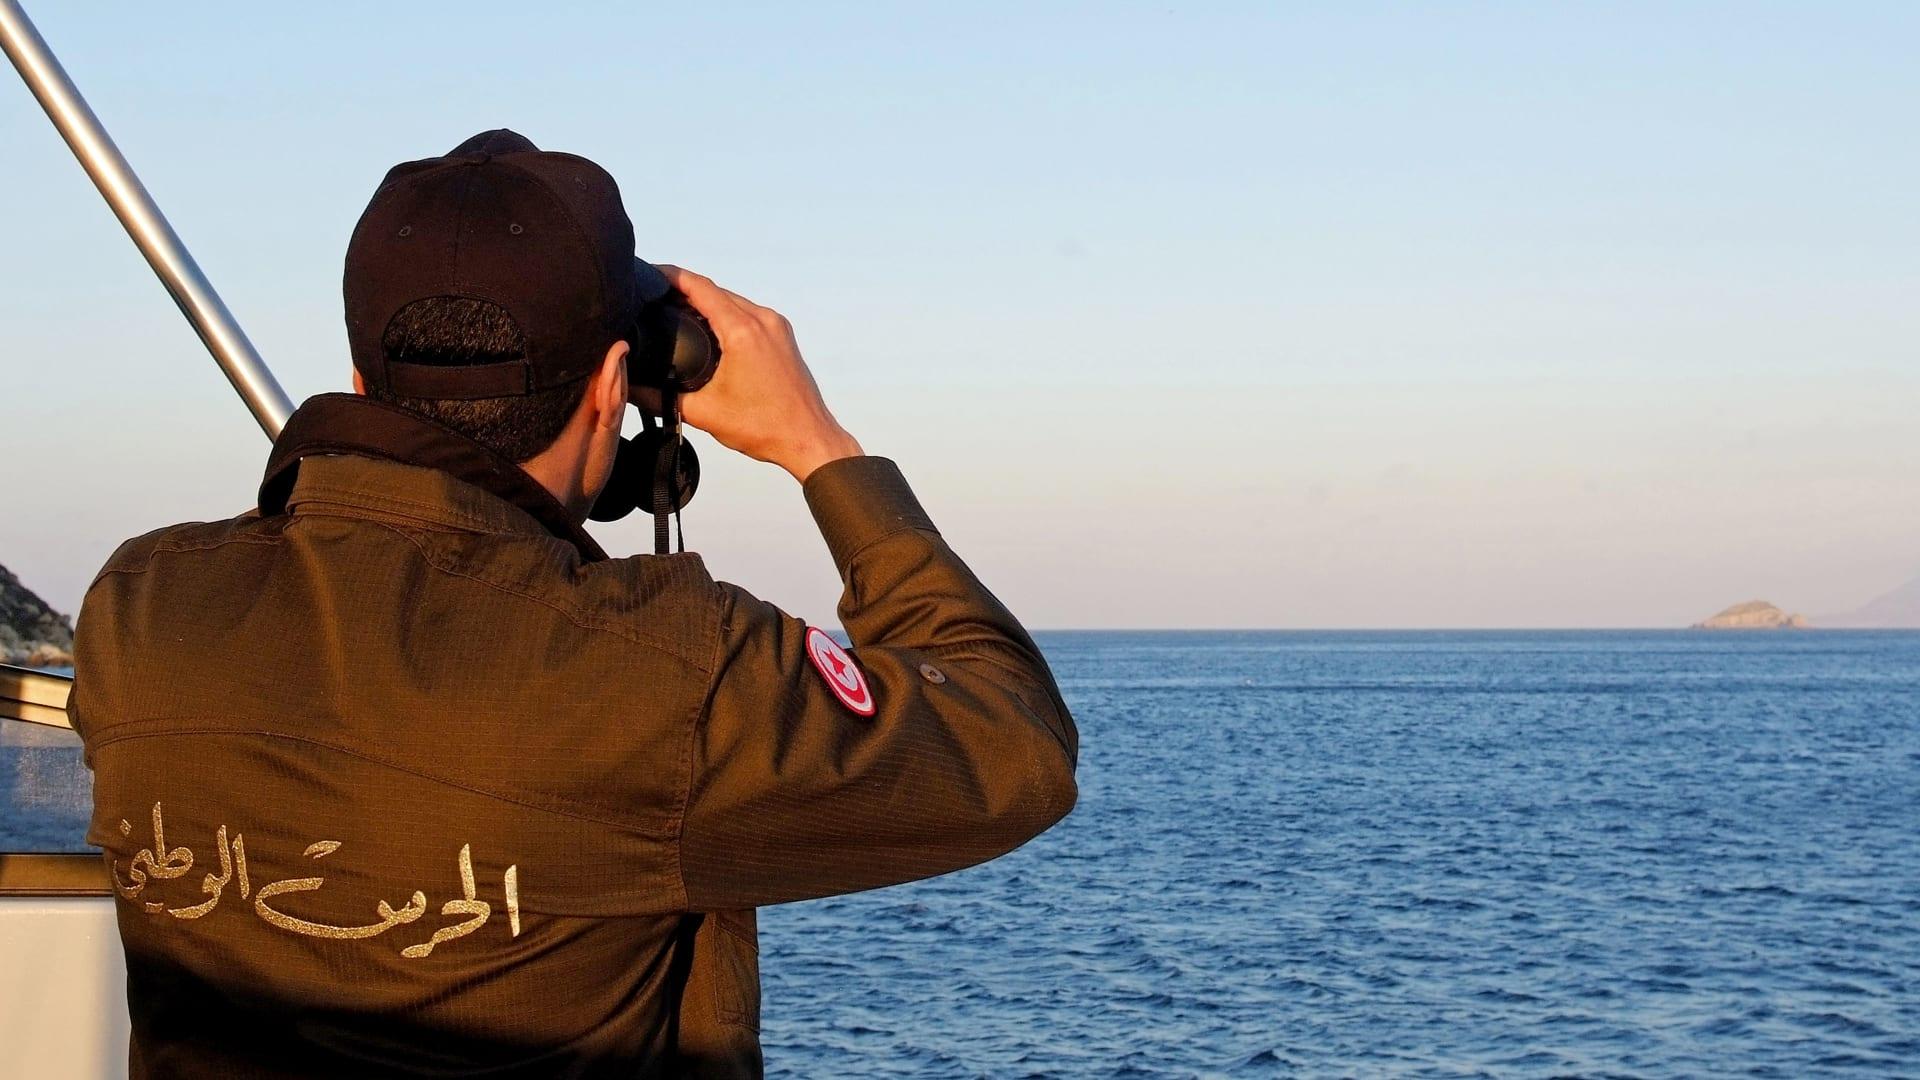 مقتل 35 مهاجرا قرب السواحل التونسية بعد غرق قاربهم